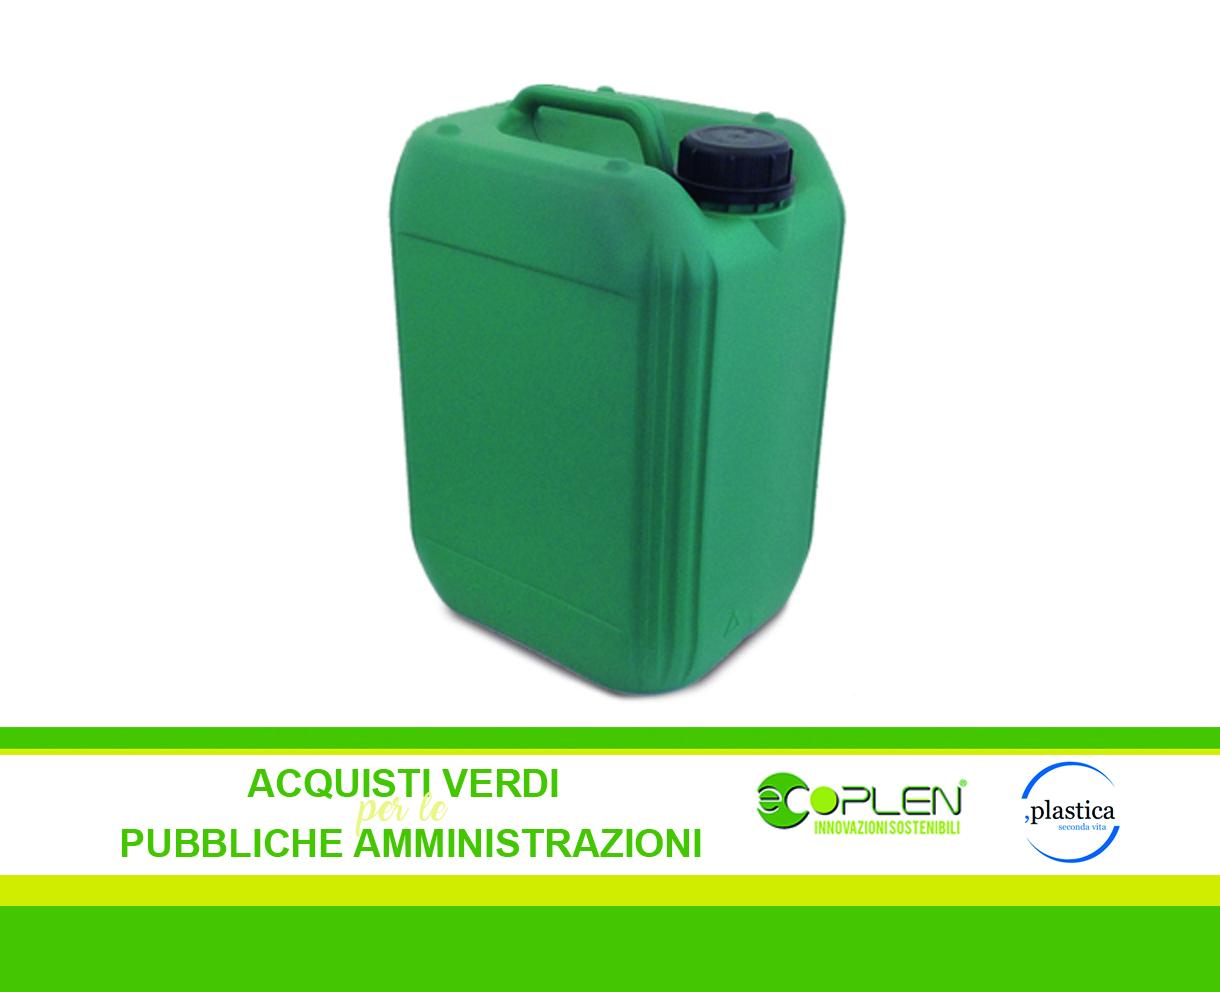 Le taniche Ecoplen in PE rigenerato sono l'imballaggio ideale per tutti i prodotti detergenti che rispettano i Criteri Ambientali Minimi.